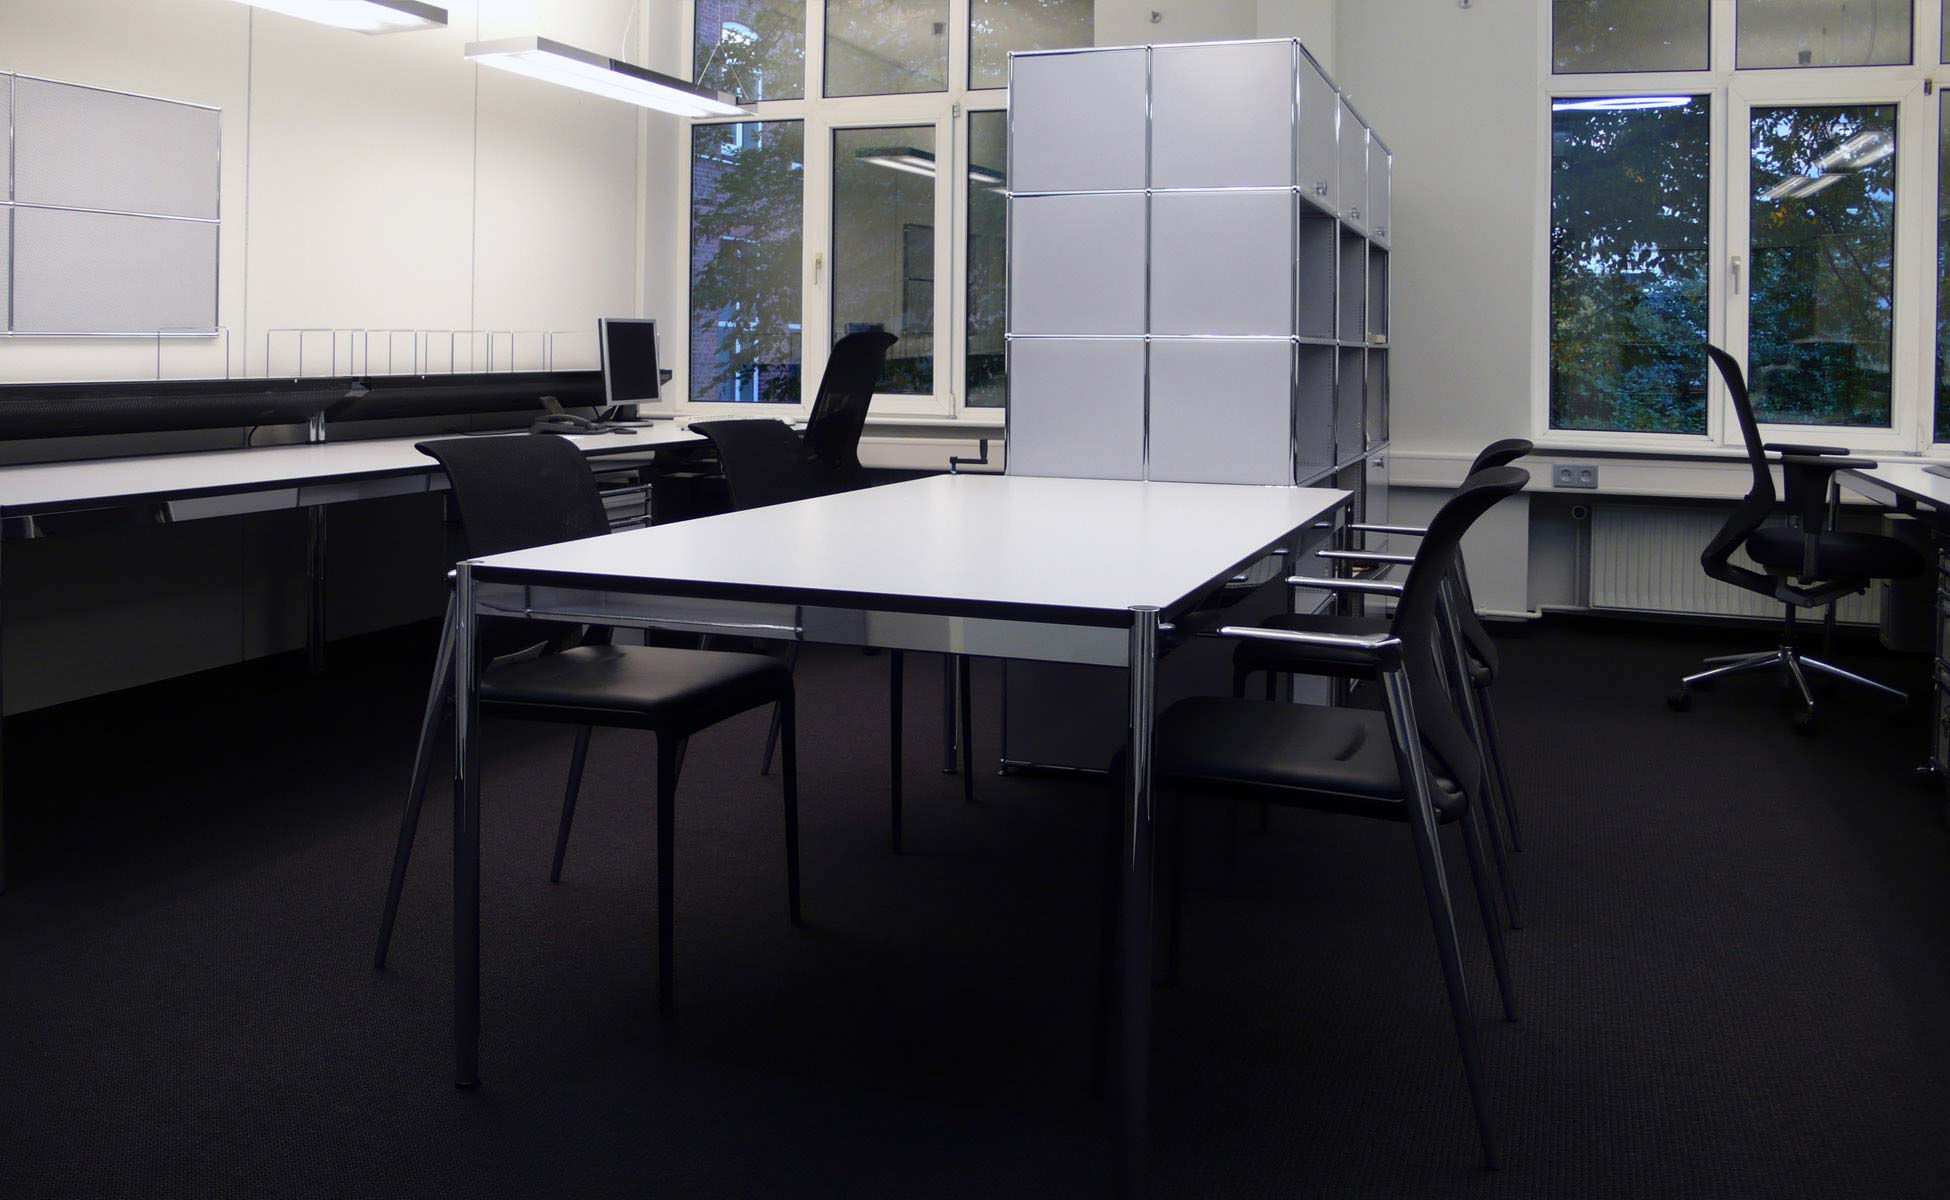 usm vitra meda chair besprechung bei steidten+ berlin